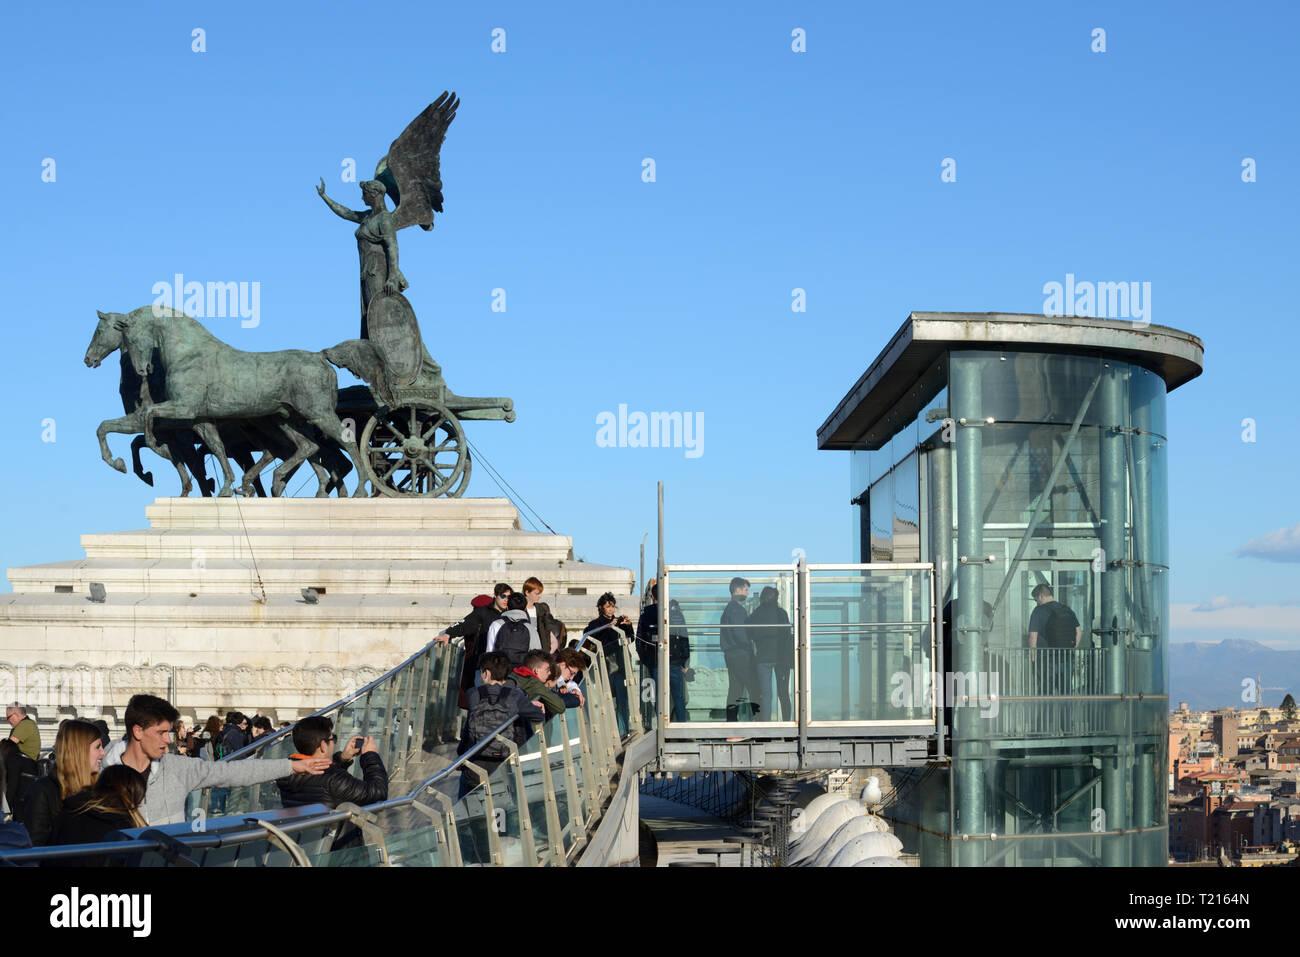 Les touristes, point de vue et l'extérieur ou de l'élévateur pour soulever le toit terrasse de Vittorio Emanuele II Monument avec la Victoire de Samothrace Sculpture Rome Italie Photo Stock